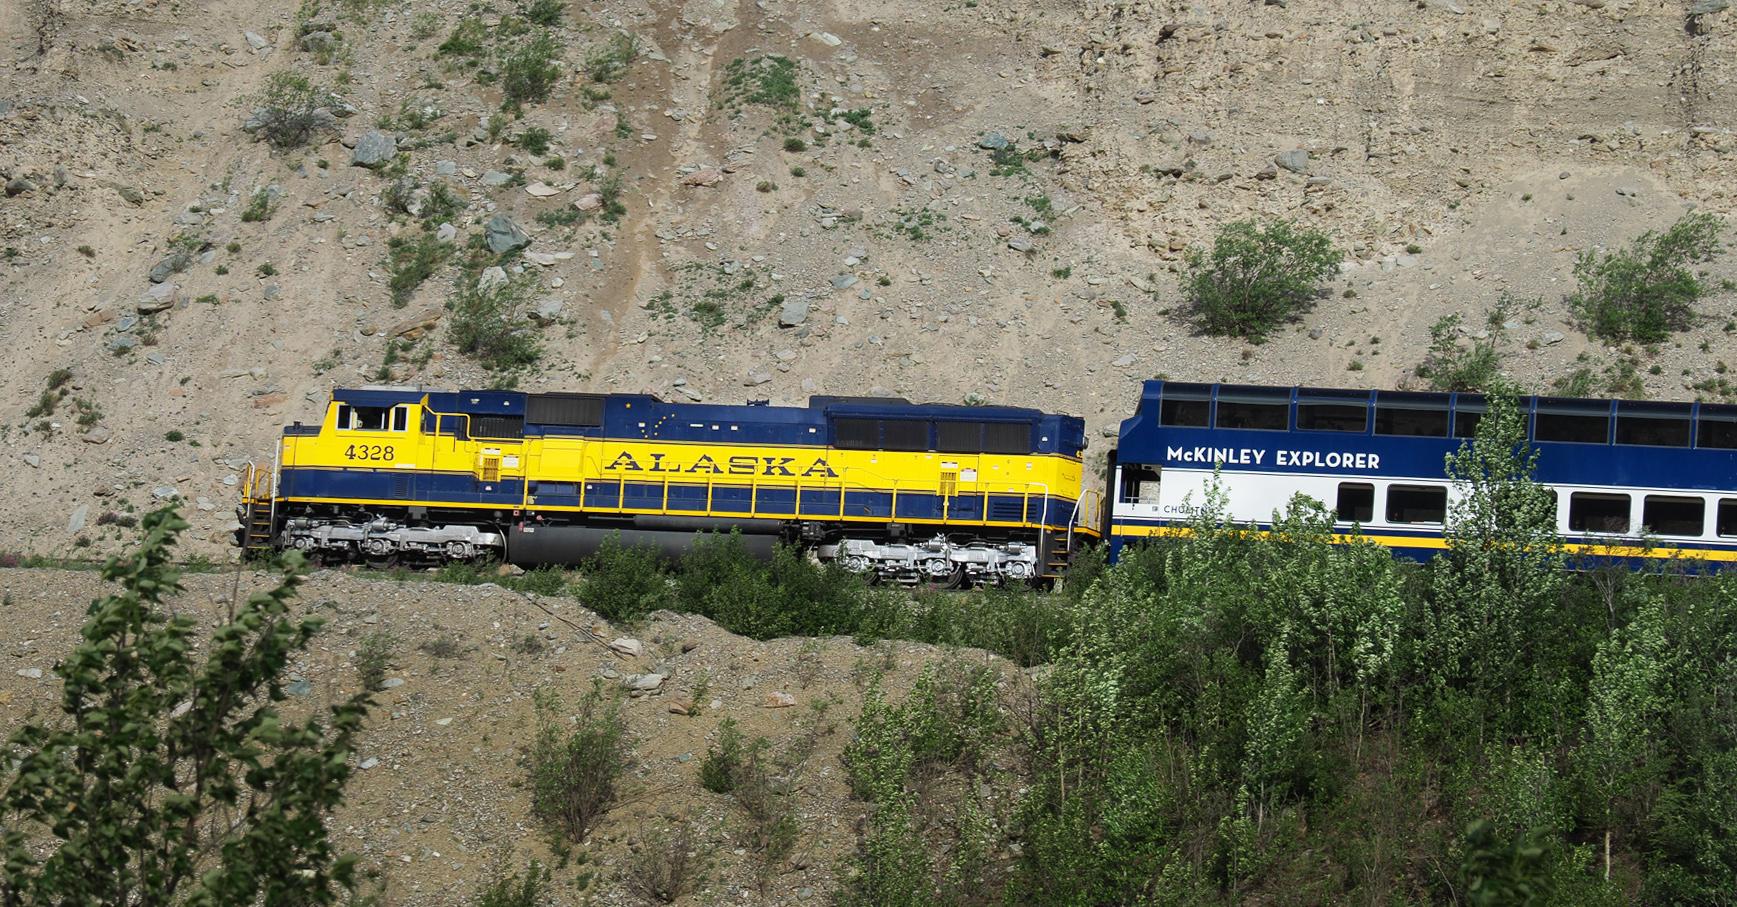 Die Alaska Railway begegnet uns immer wieder